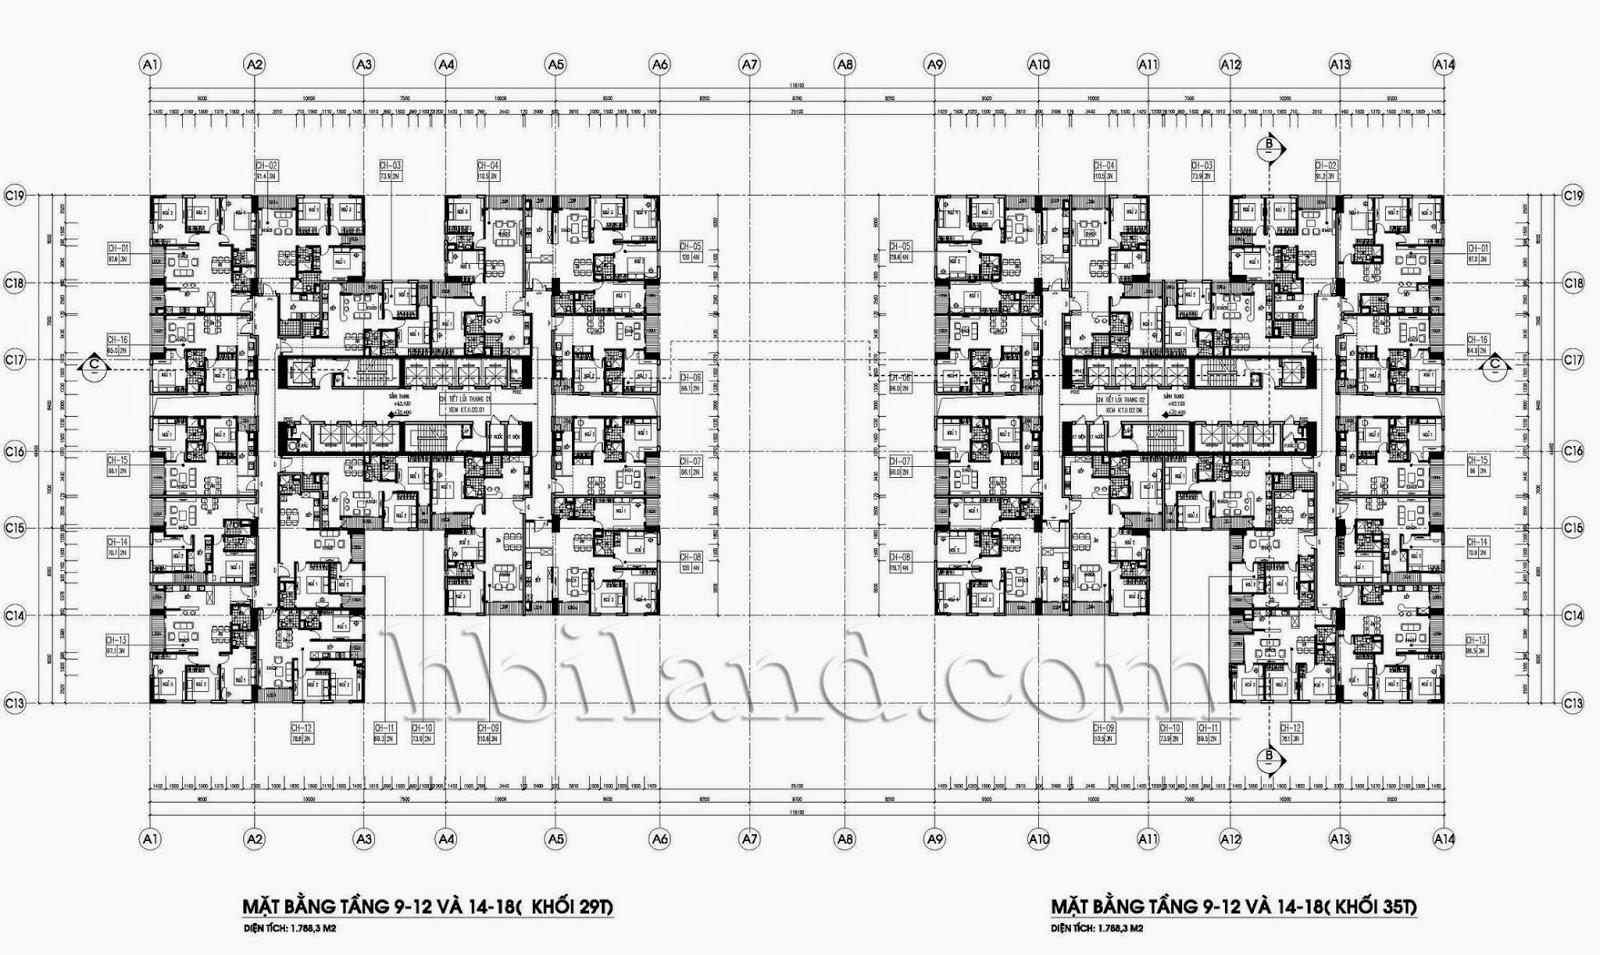 Mặt bằng tầng căn hộ điển hình tòa 35T-A chung cư imperia garden 203 nguyễn huy tưởng